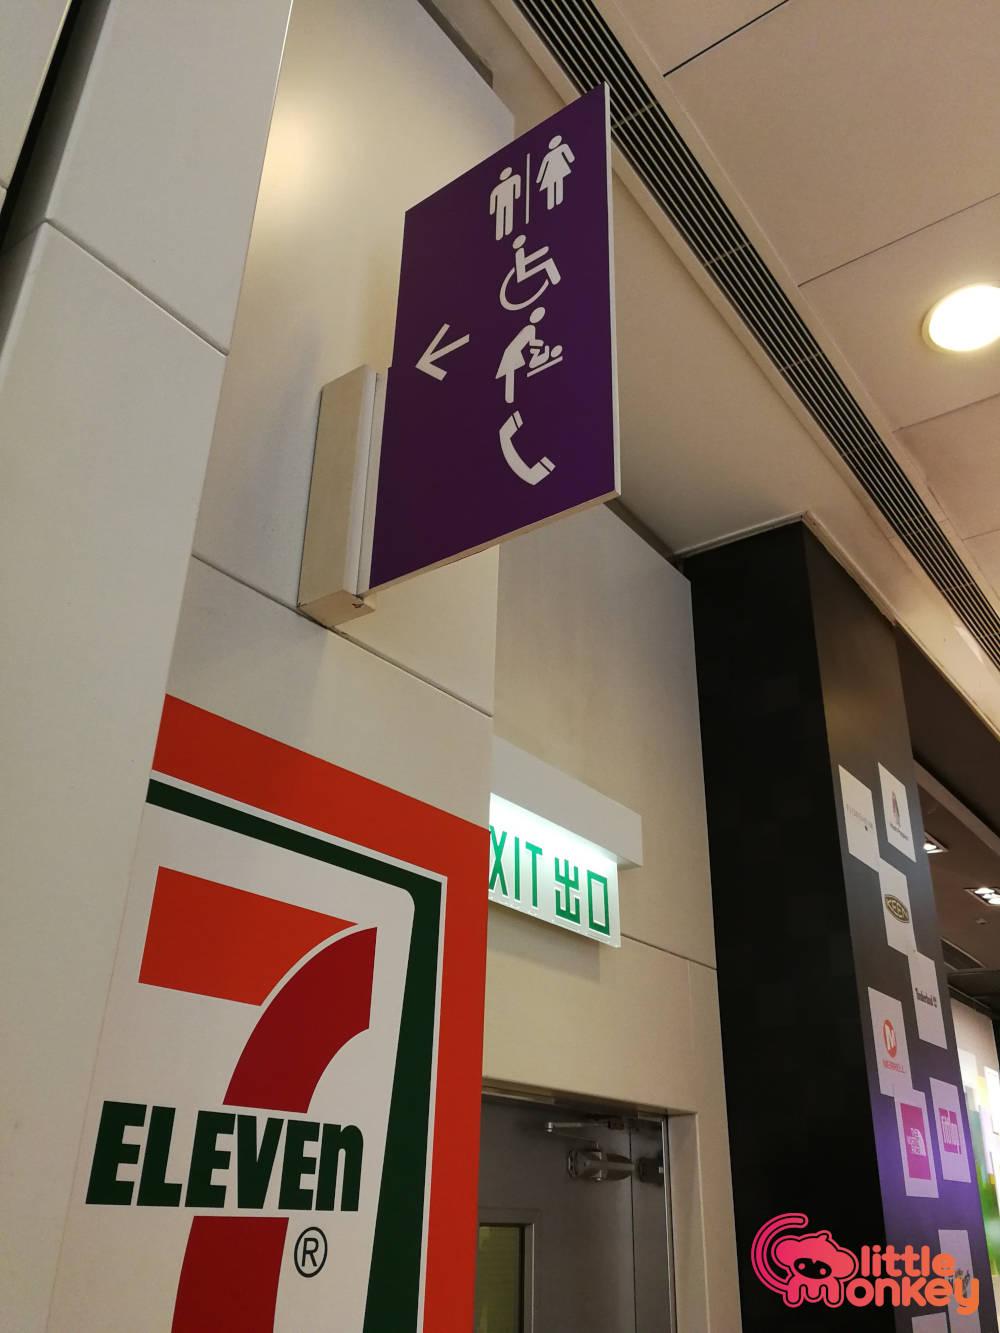 Mall signage of Westwood